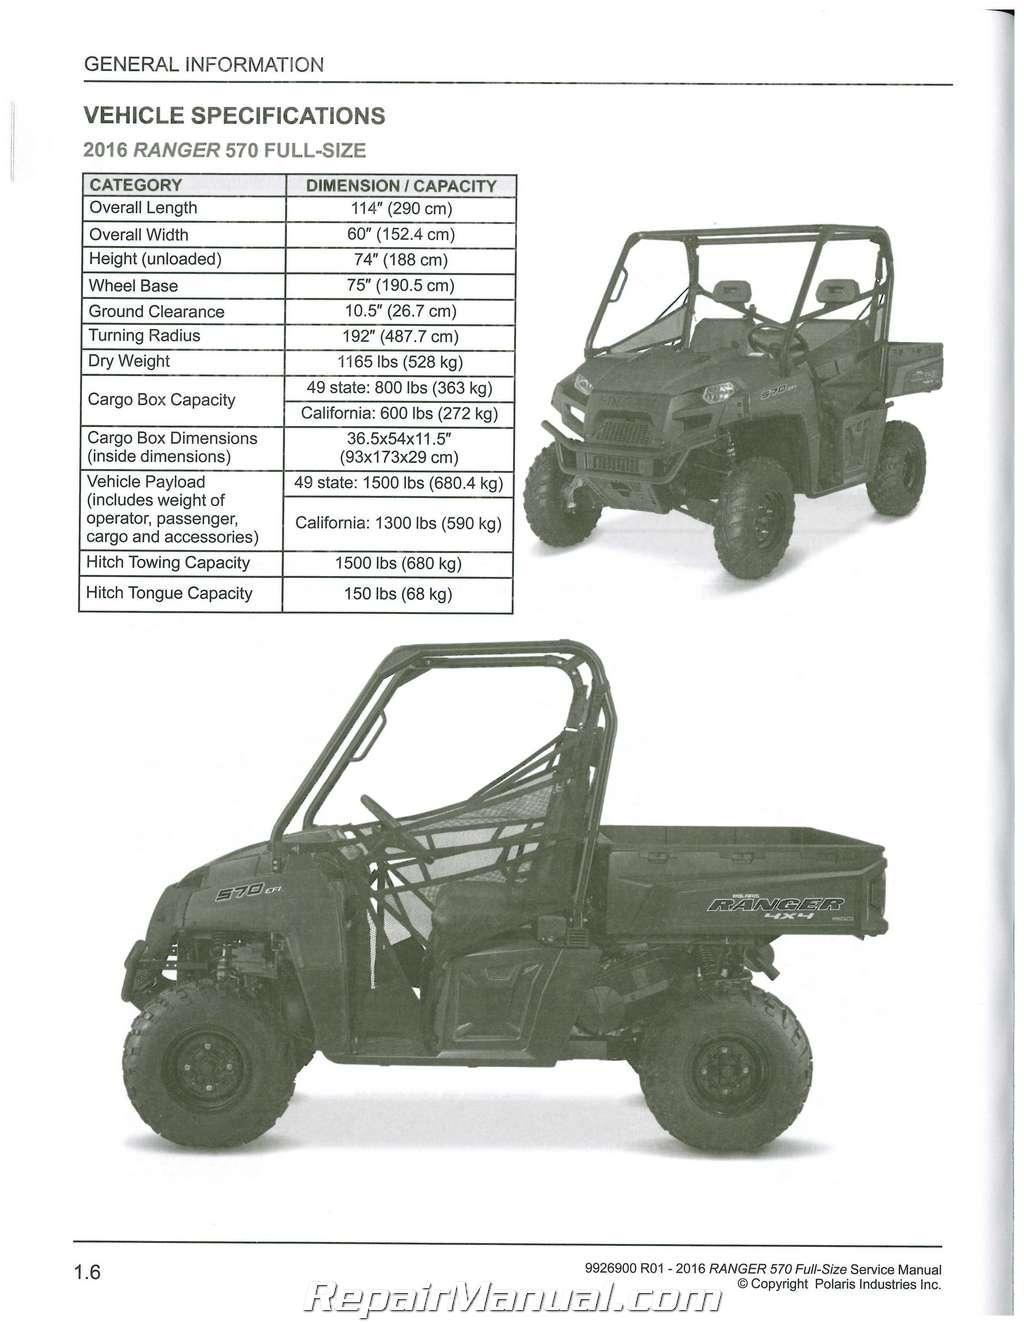 2016 Polaris Ranger 570 ATV Service Manual